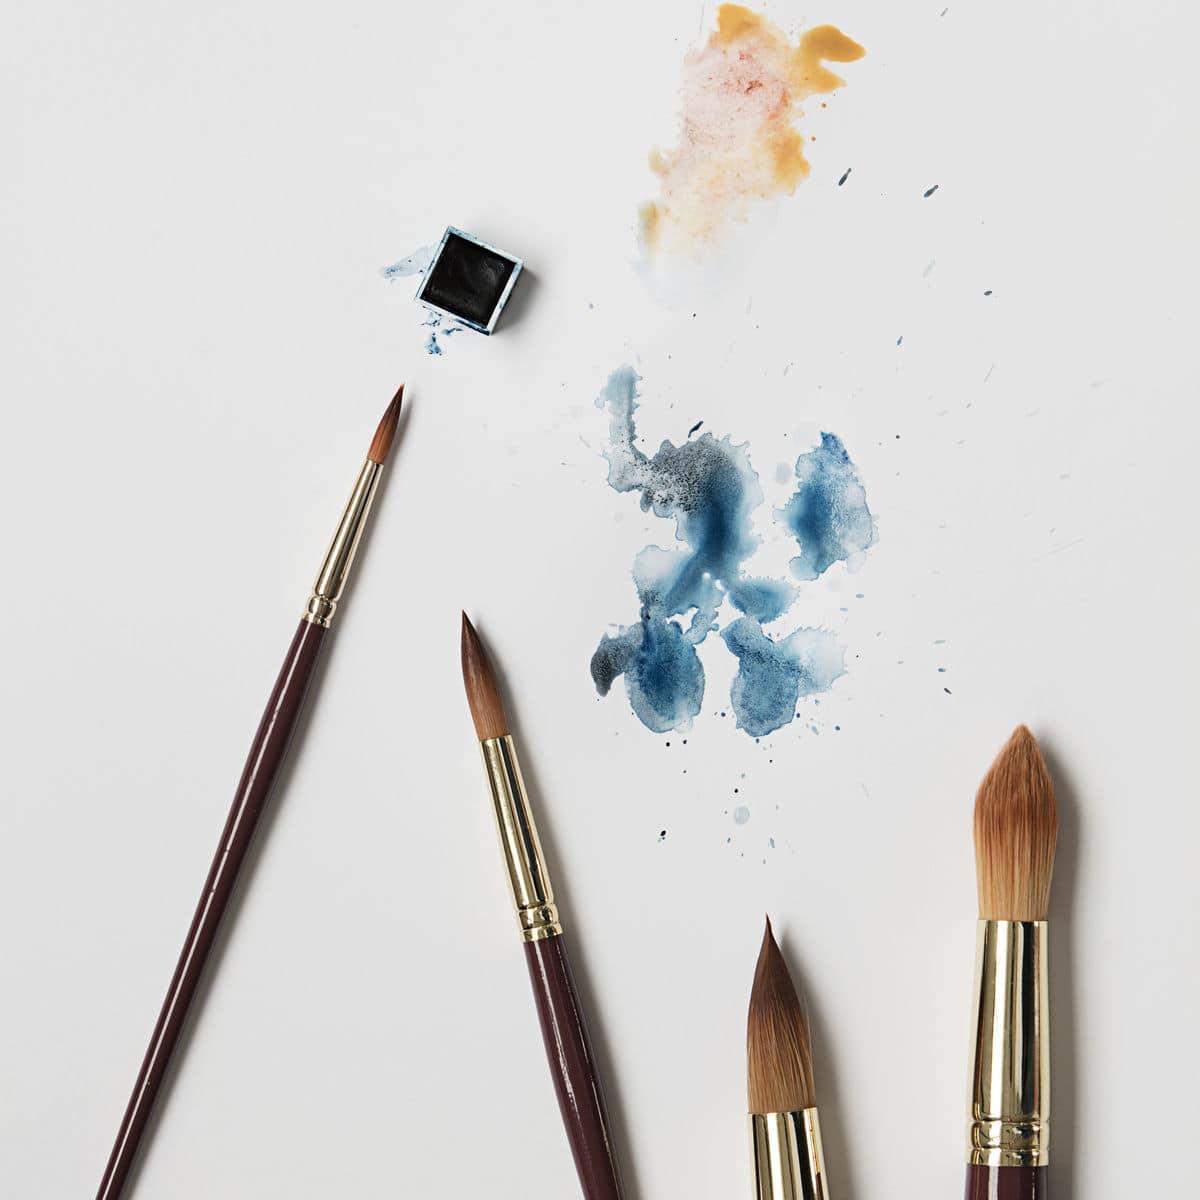 Kulaté akvarelové štětce, 4 ks